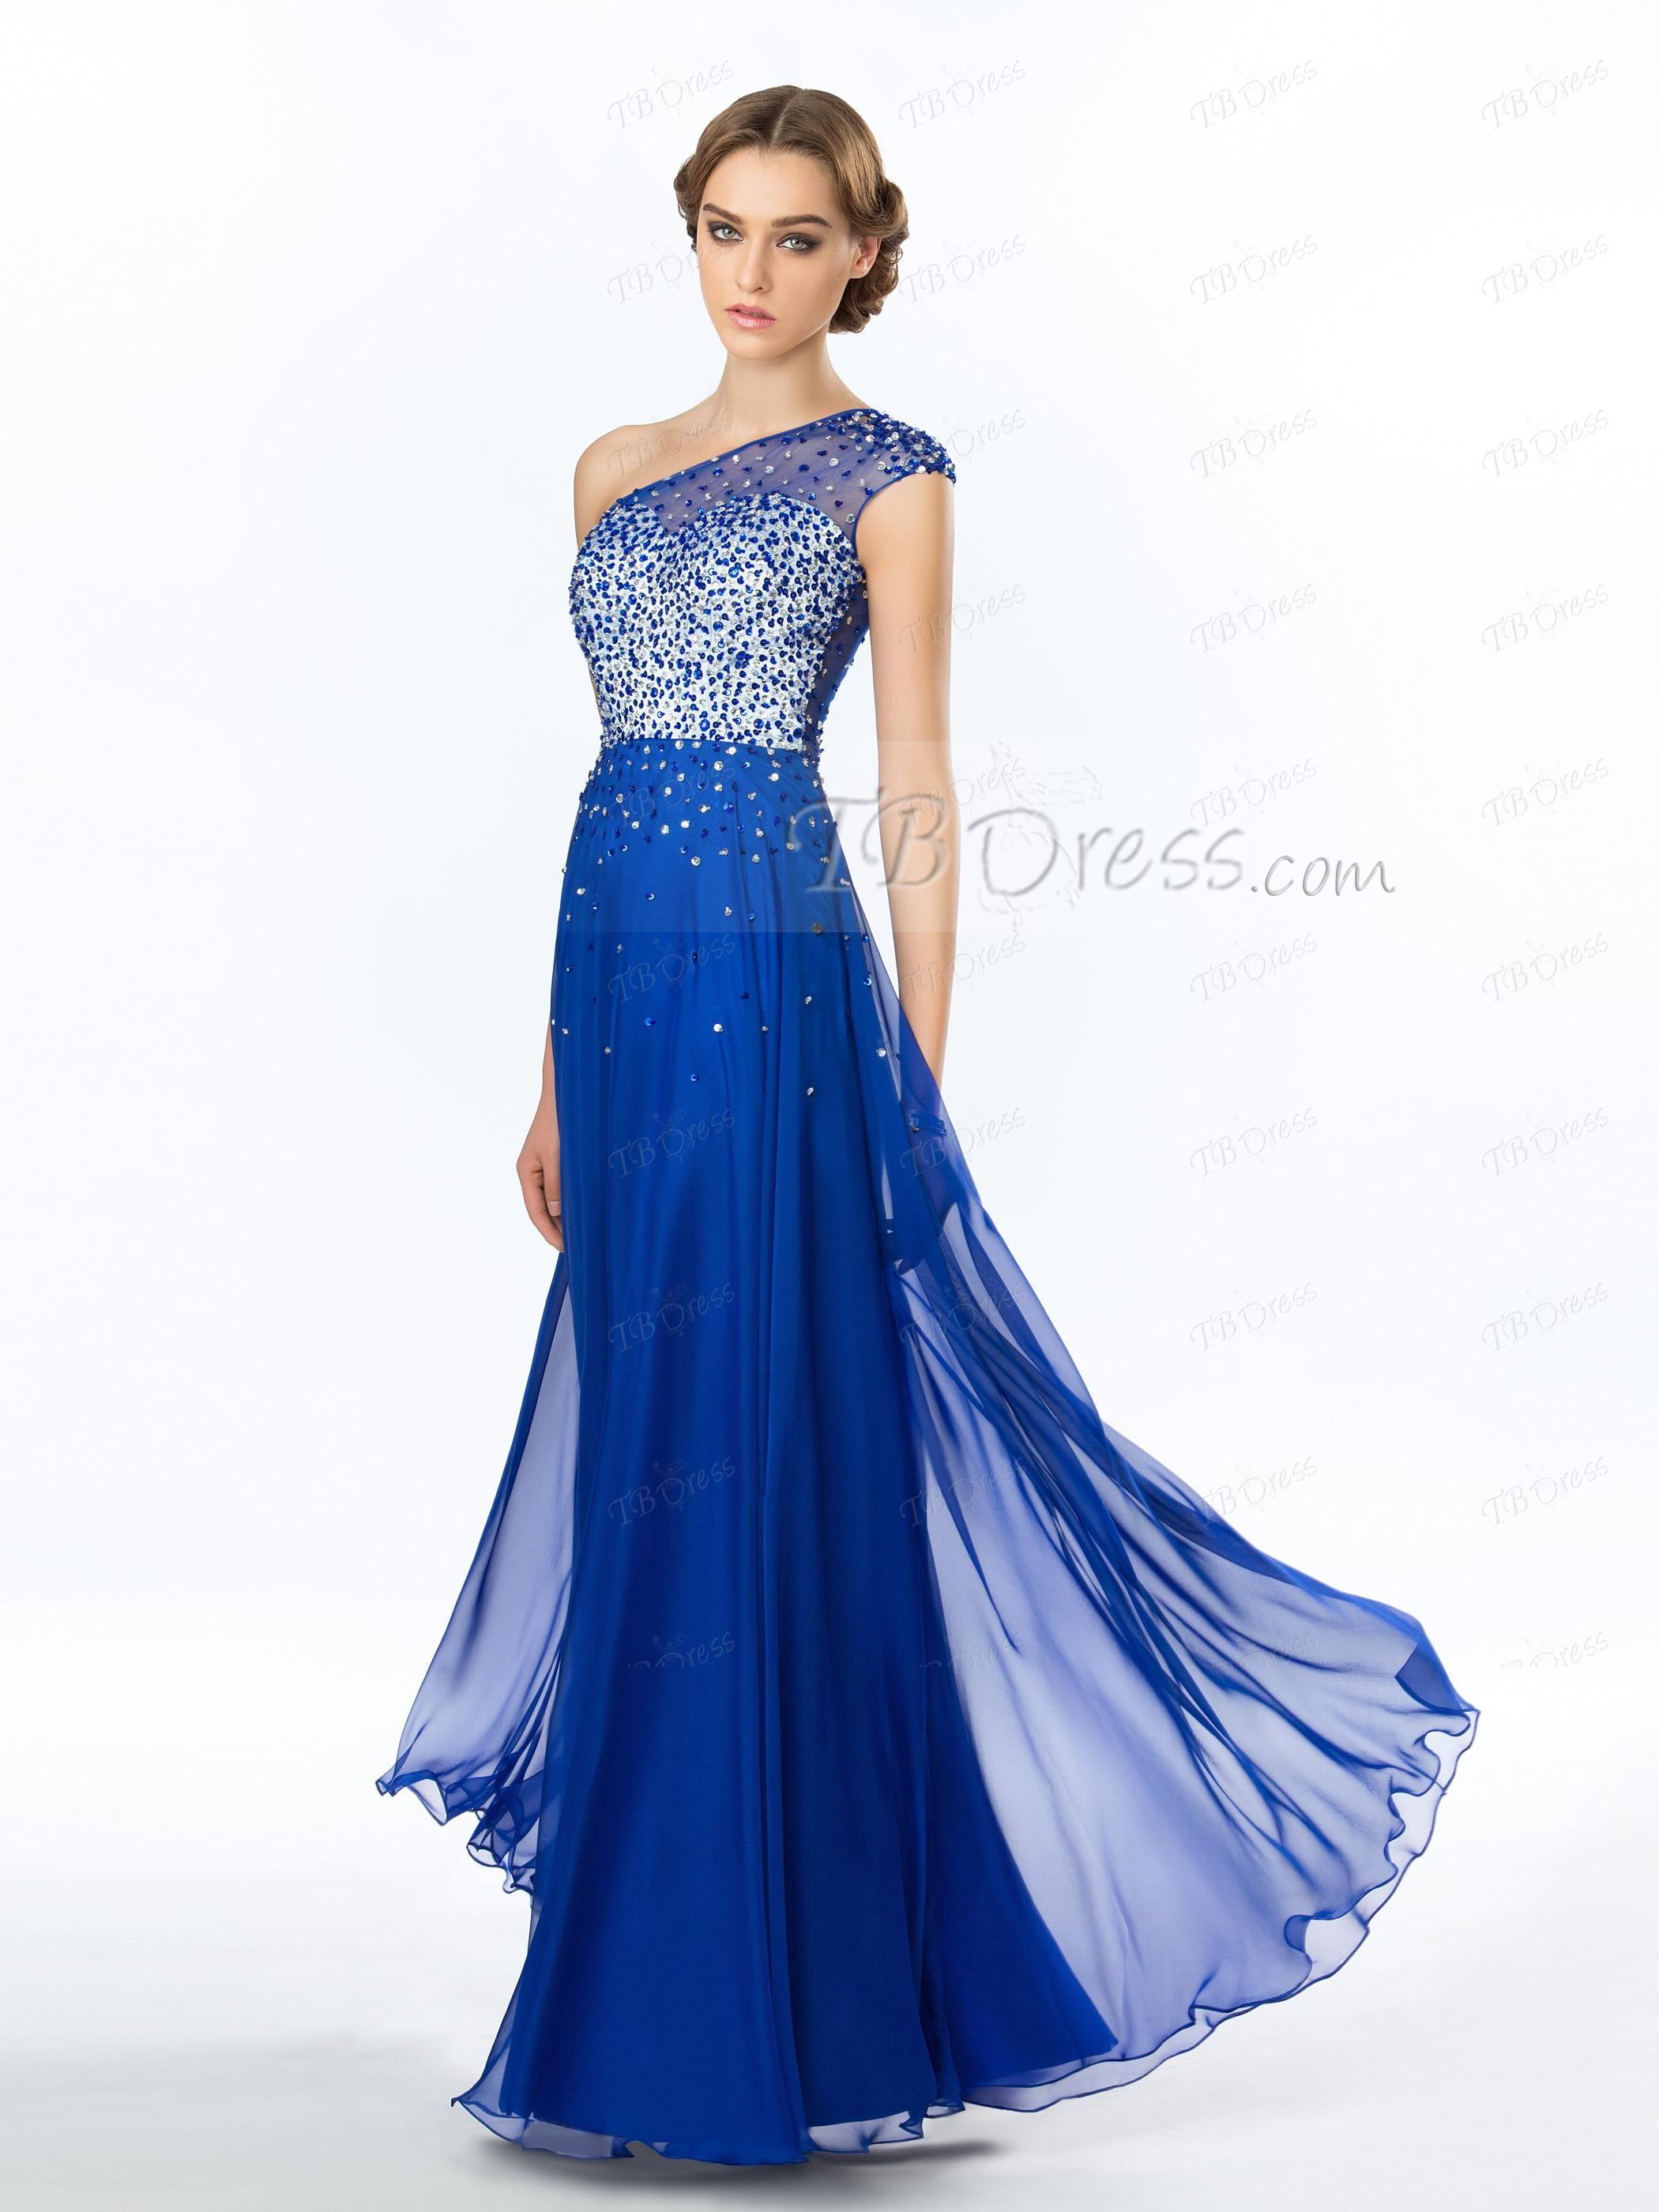 Pin von TBdress fashion auf TBdress Evening Dresses   Pinterest